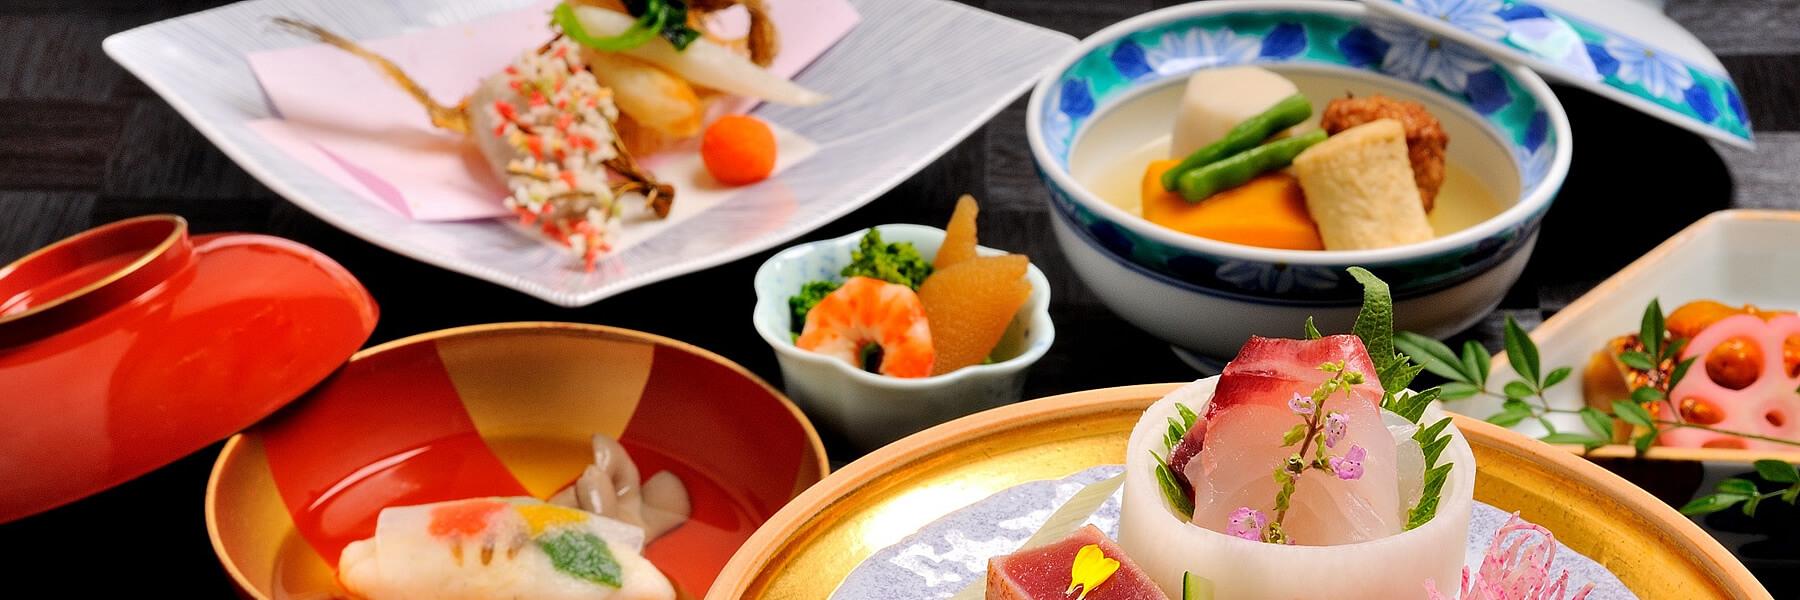 法事|日本料理 四季|【公式】レンブラントホテル海老名